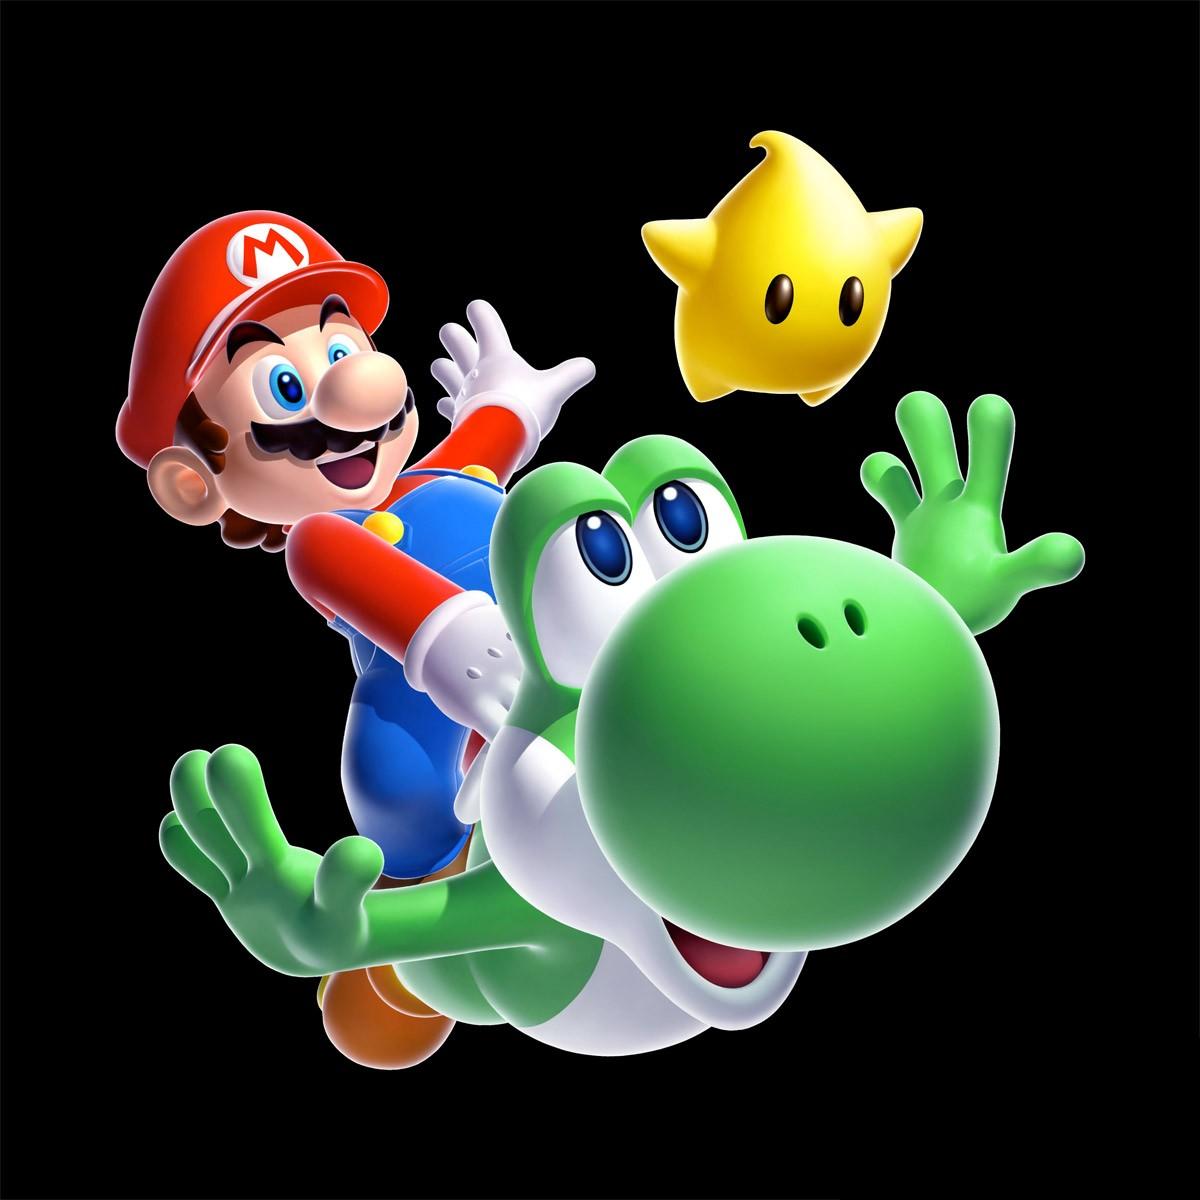 [SORTI] Super Mario Galaxy 2 ! 01